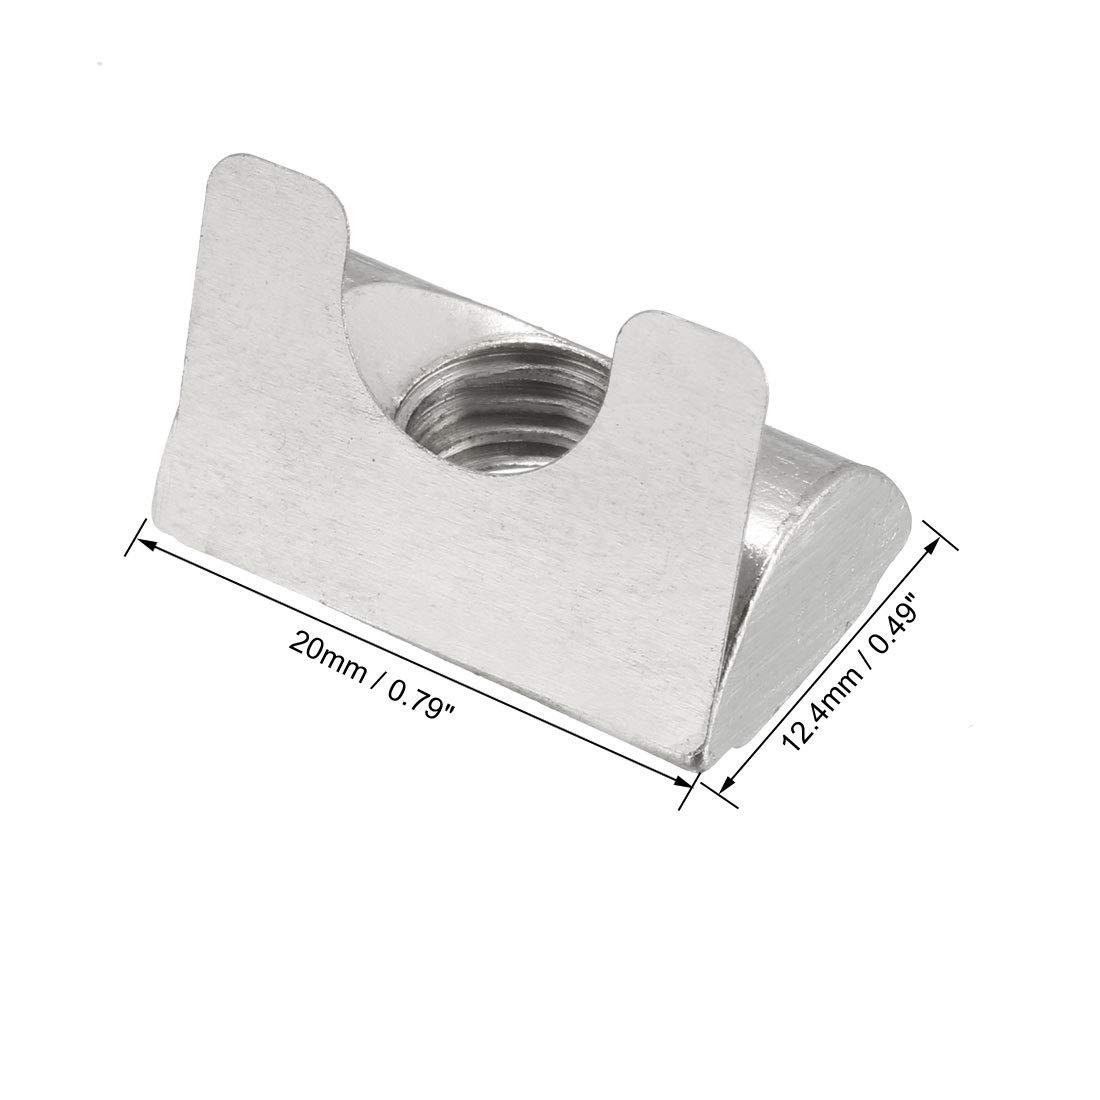 sourcing map Tuercas el/ásticas de rollo m6 para perfil de extrusi/ón de aluminio serie 4040 10 piezas